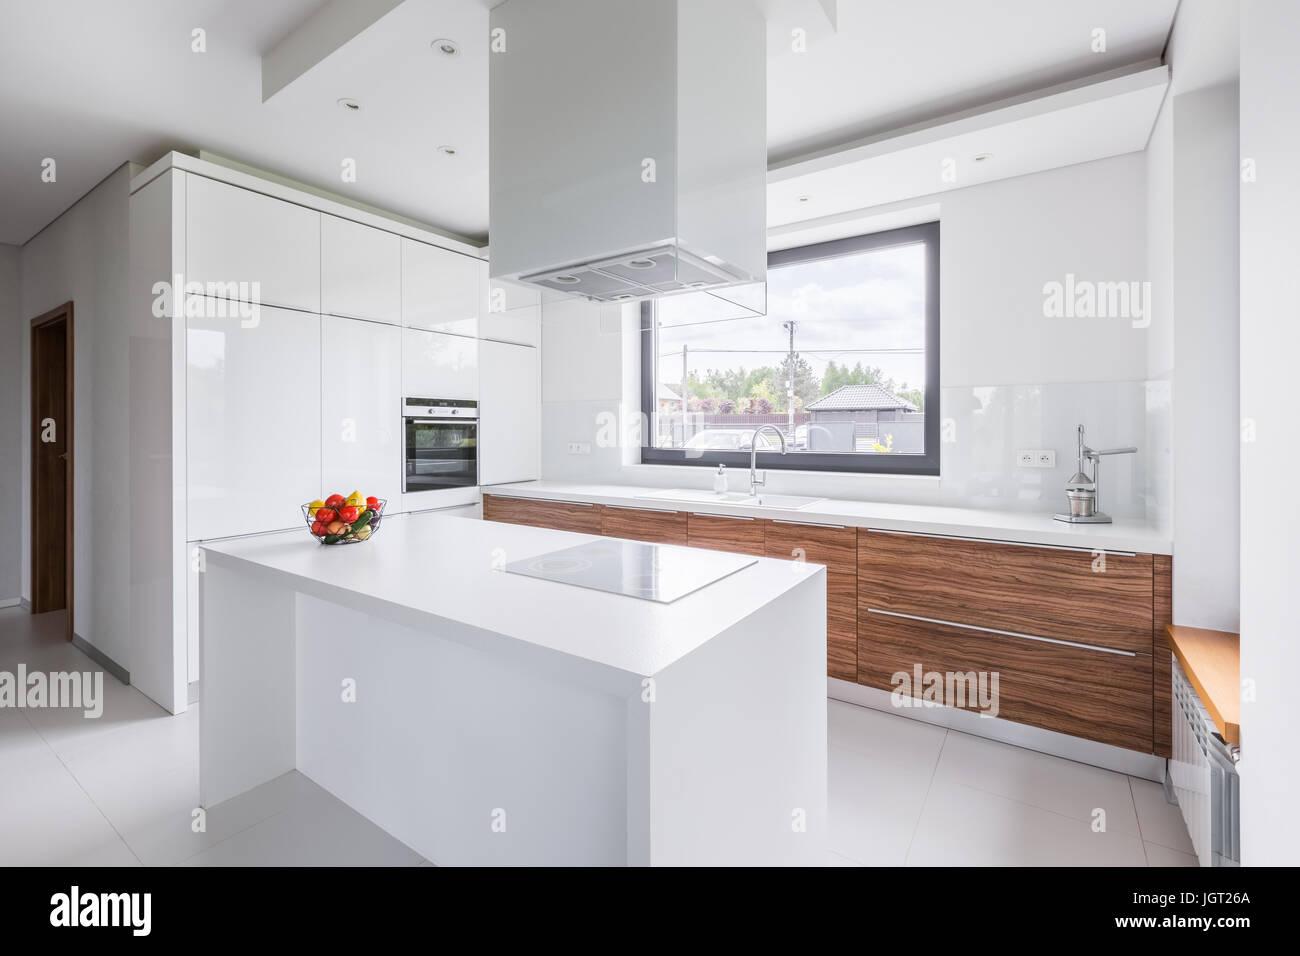 moderne weisse k che mit insel und lange arbeitsplatte stockfoto bild 148046034 alamy. Black Bedroom Furniture Sets. Home Design Ideas